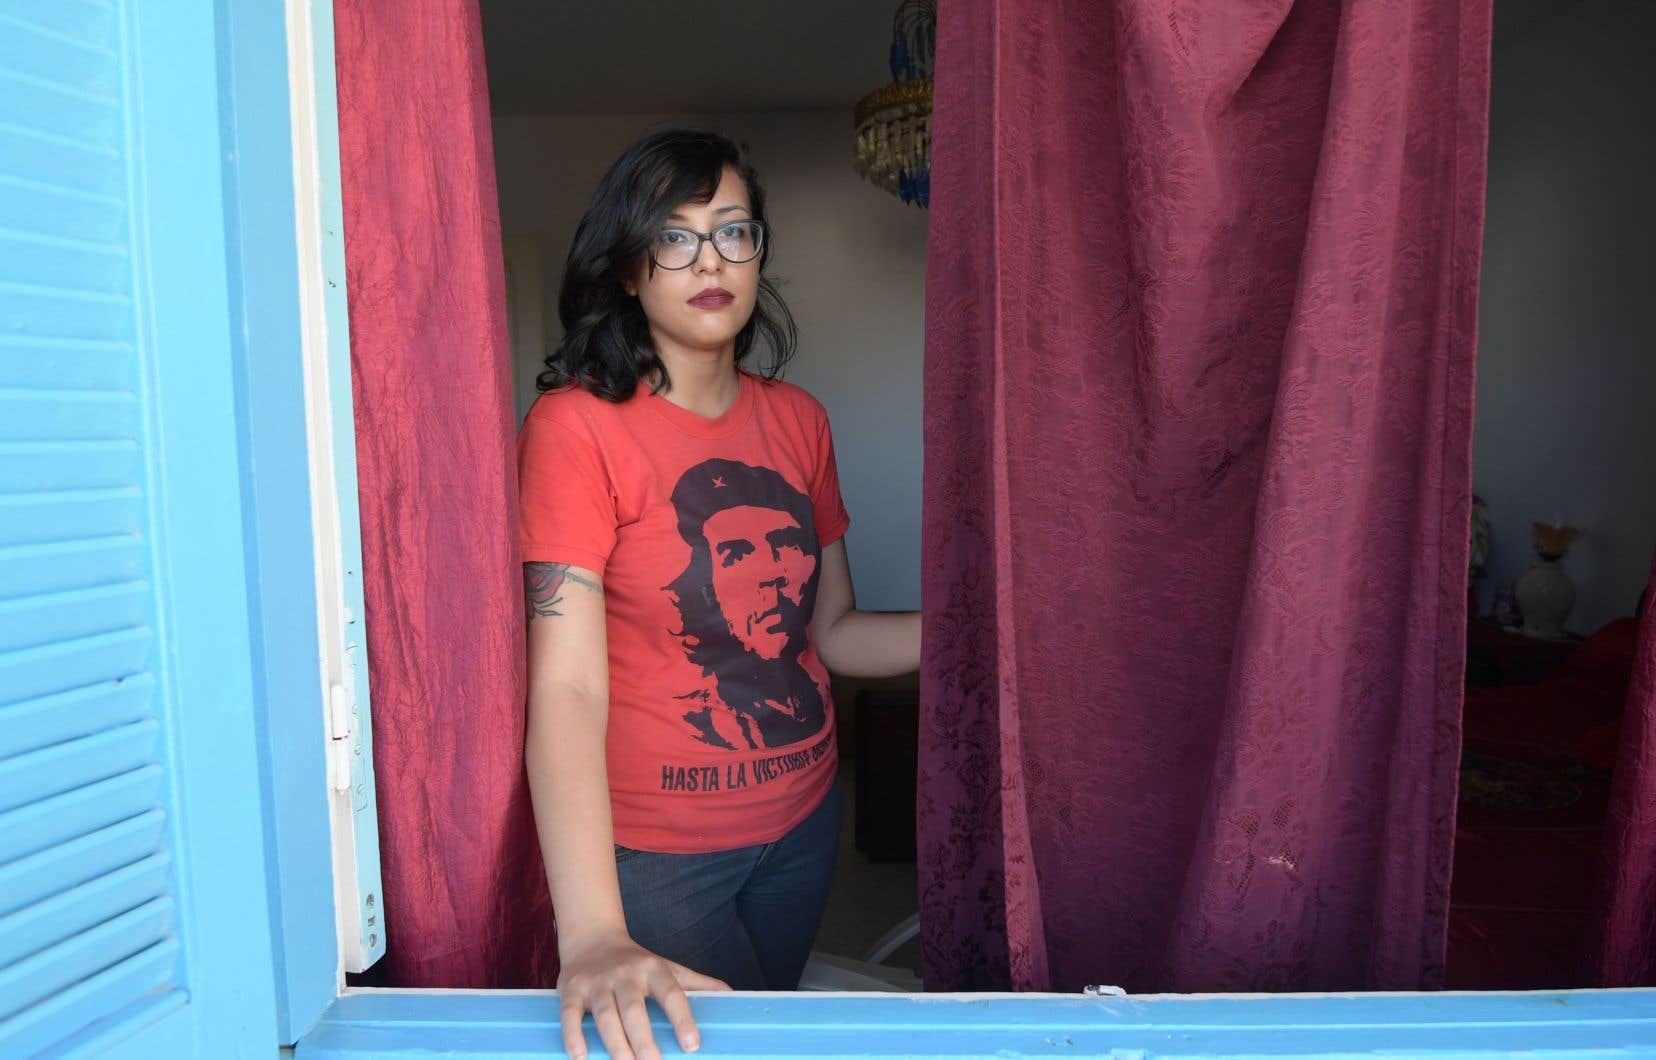 Emna Charki, condamnée à six mois de prison pour une parodie de sourate du Coran publiée sur Facebook.